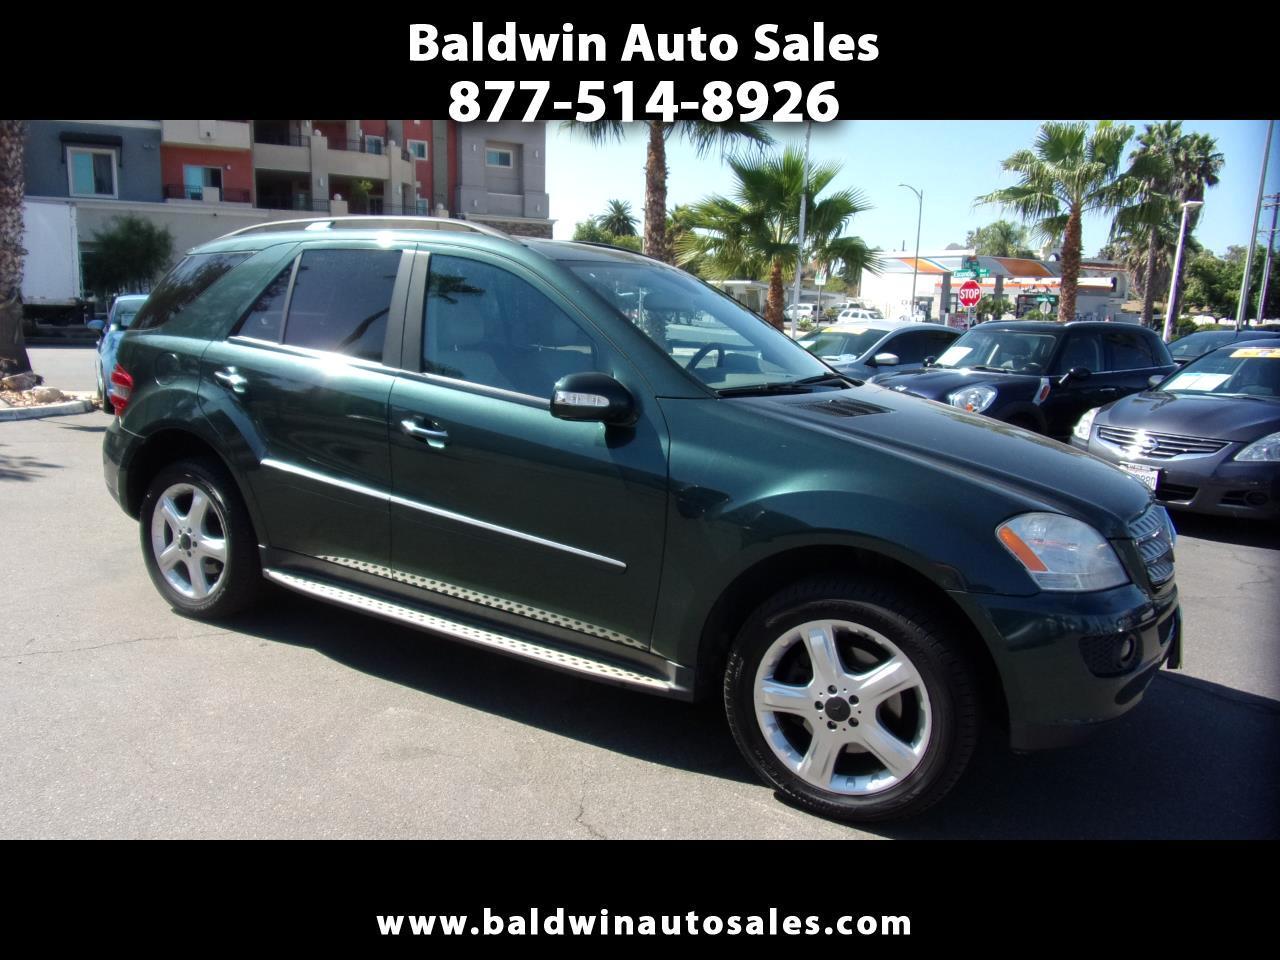 used cars for sale escondido ca 92025 baldwin auto sales sale escondido ca 92025 baldwin auto sales